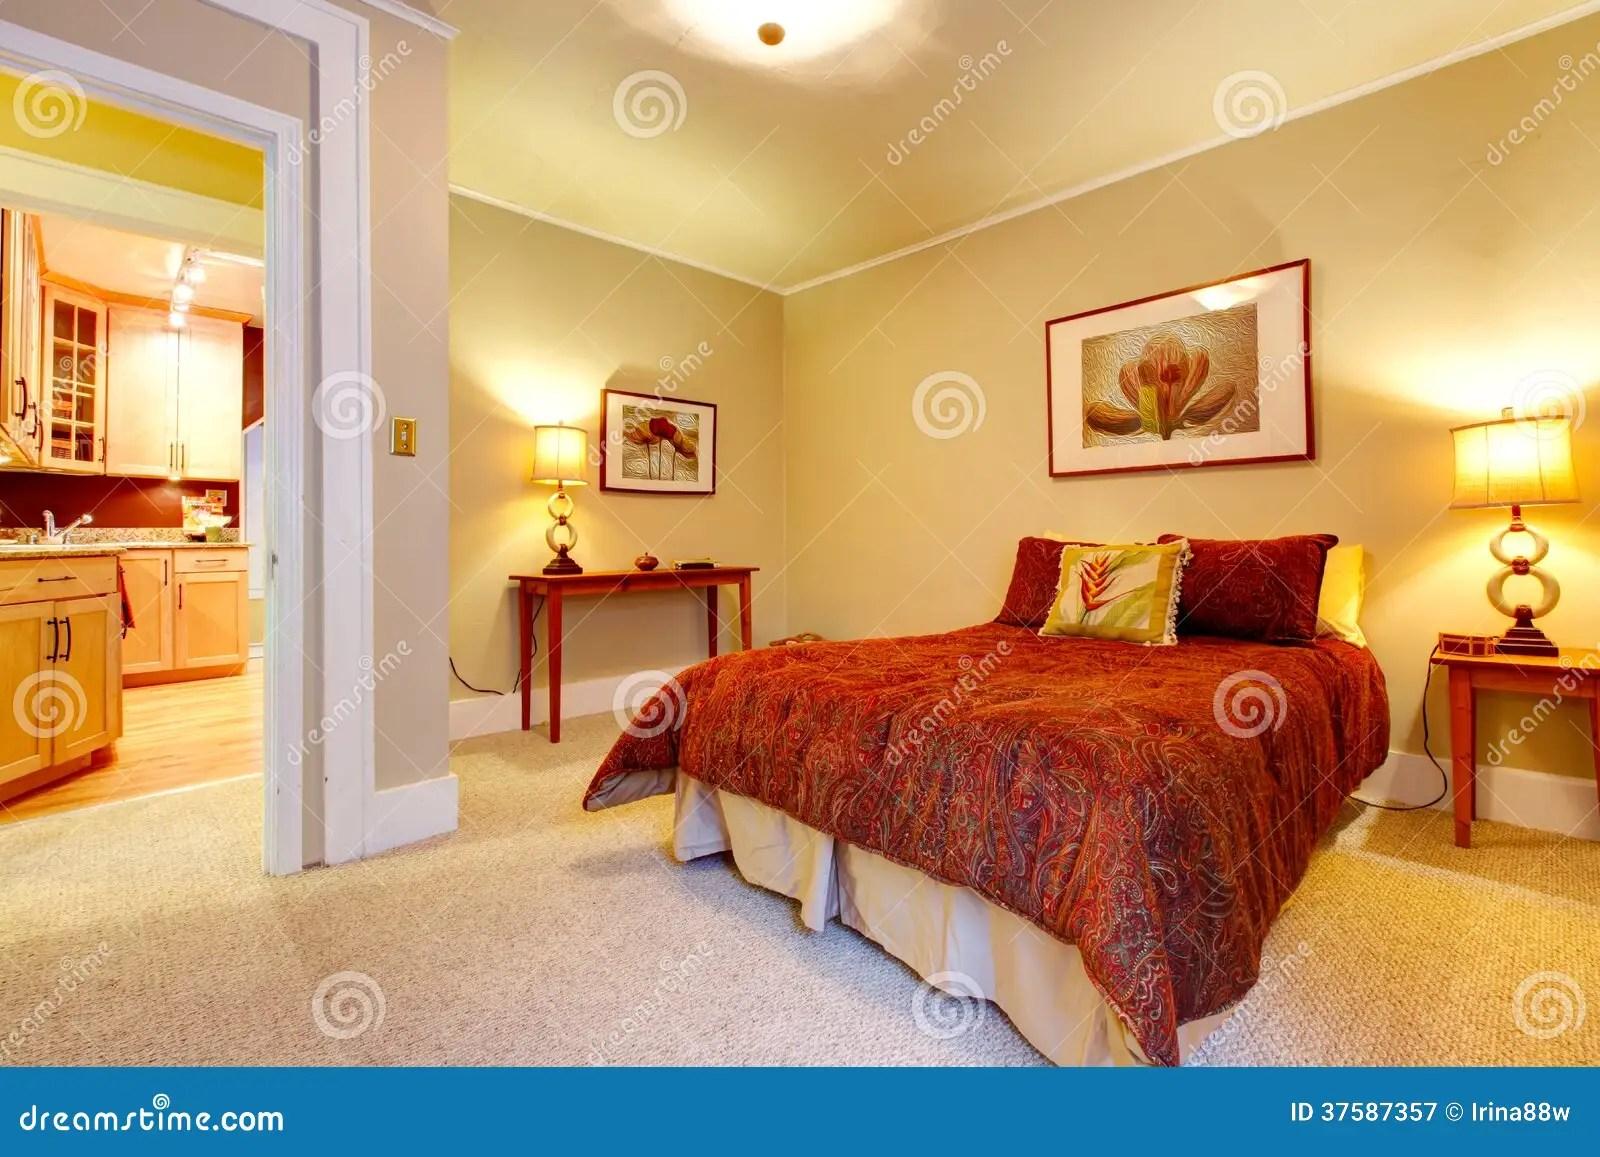 Chambre  Coucher Avec Du Charme Avec La Belle Literie Rouge Photographie stock libre de droits